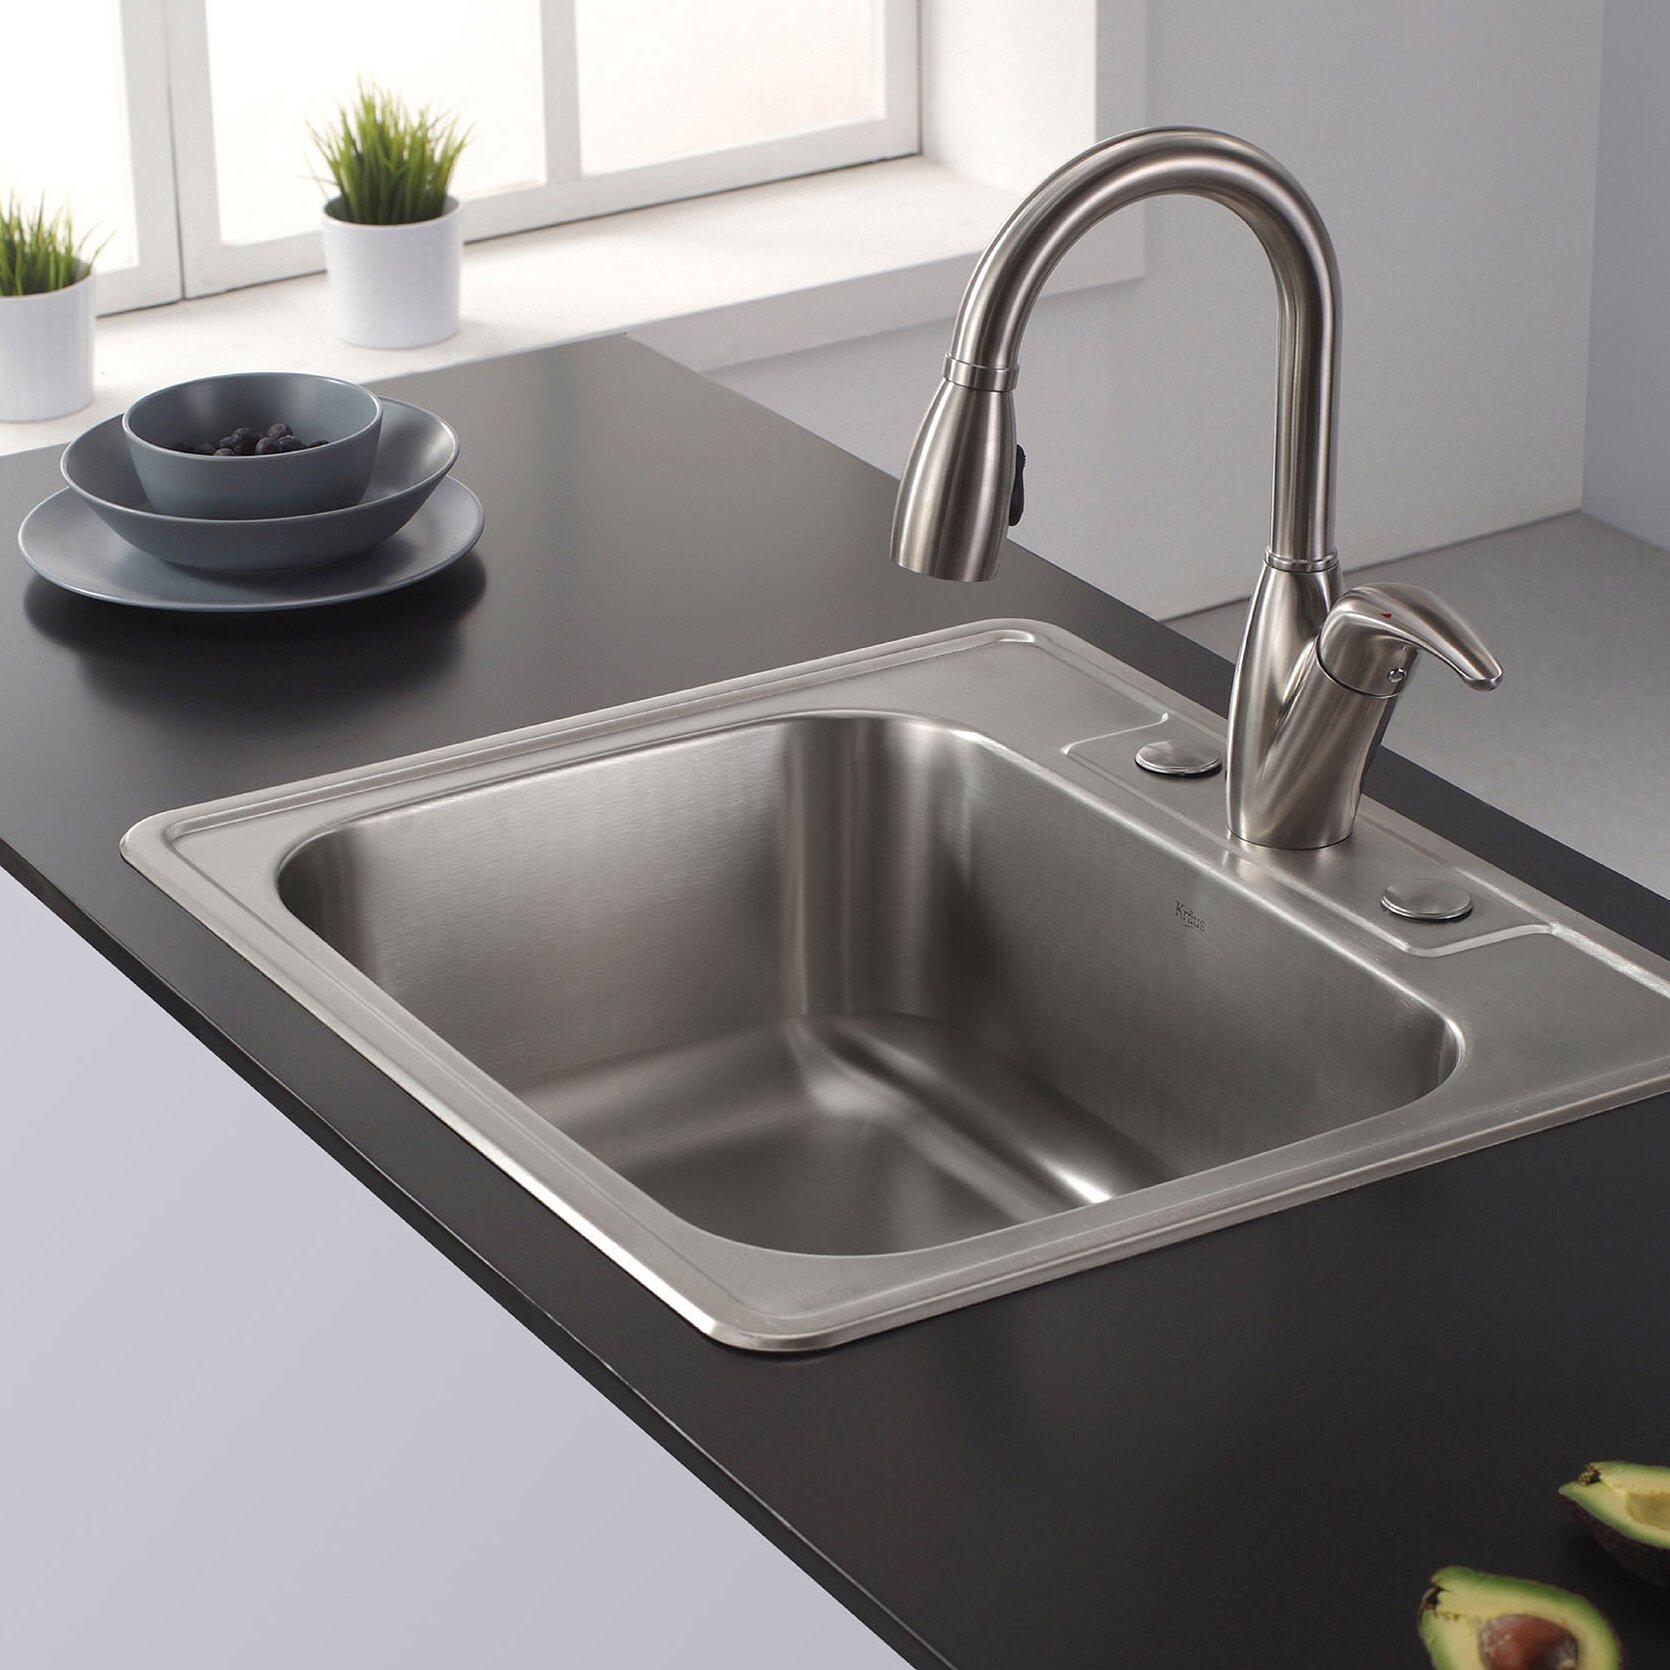 25 x 224 drop in kitchen sink - Kitchen Sink Drop In